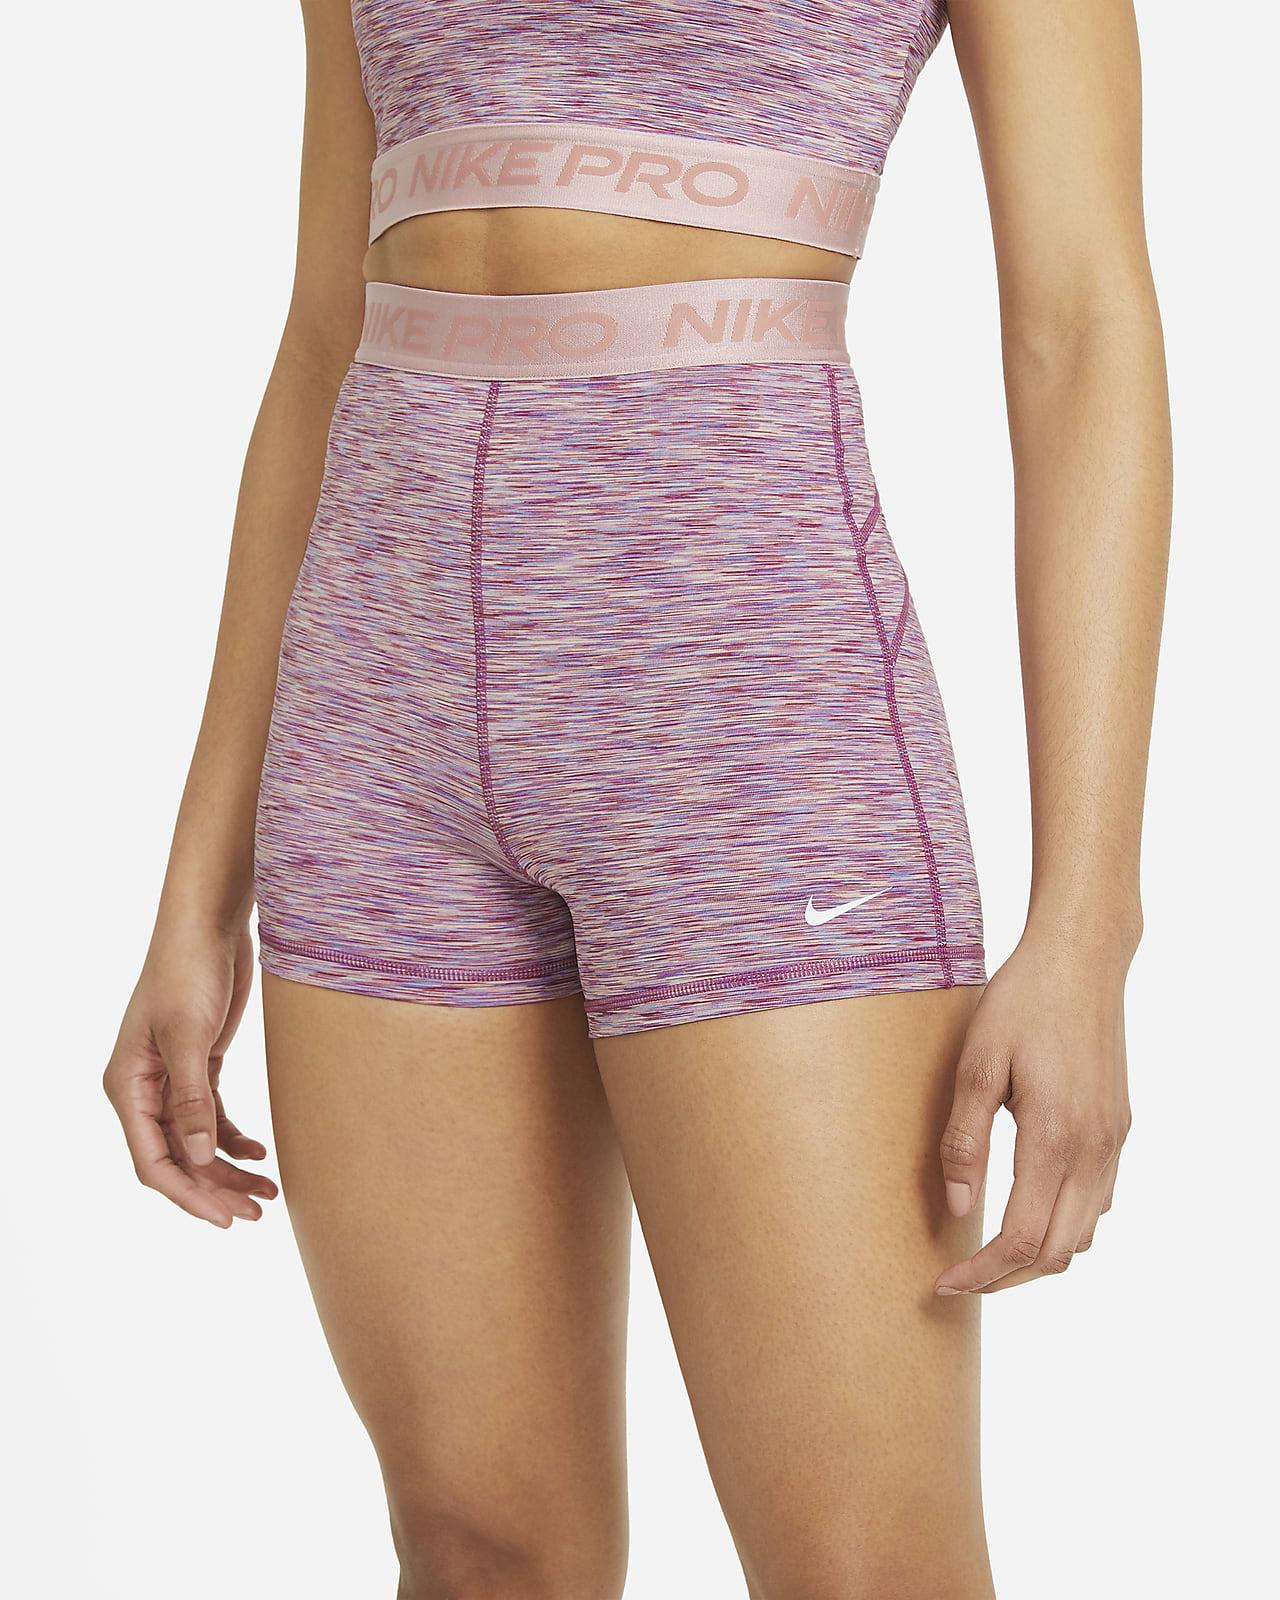 Shorts Nike Pro Space-Dye 8 cm för kvinnor